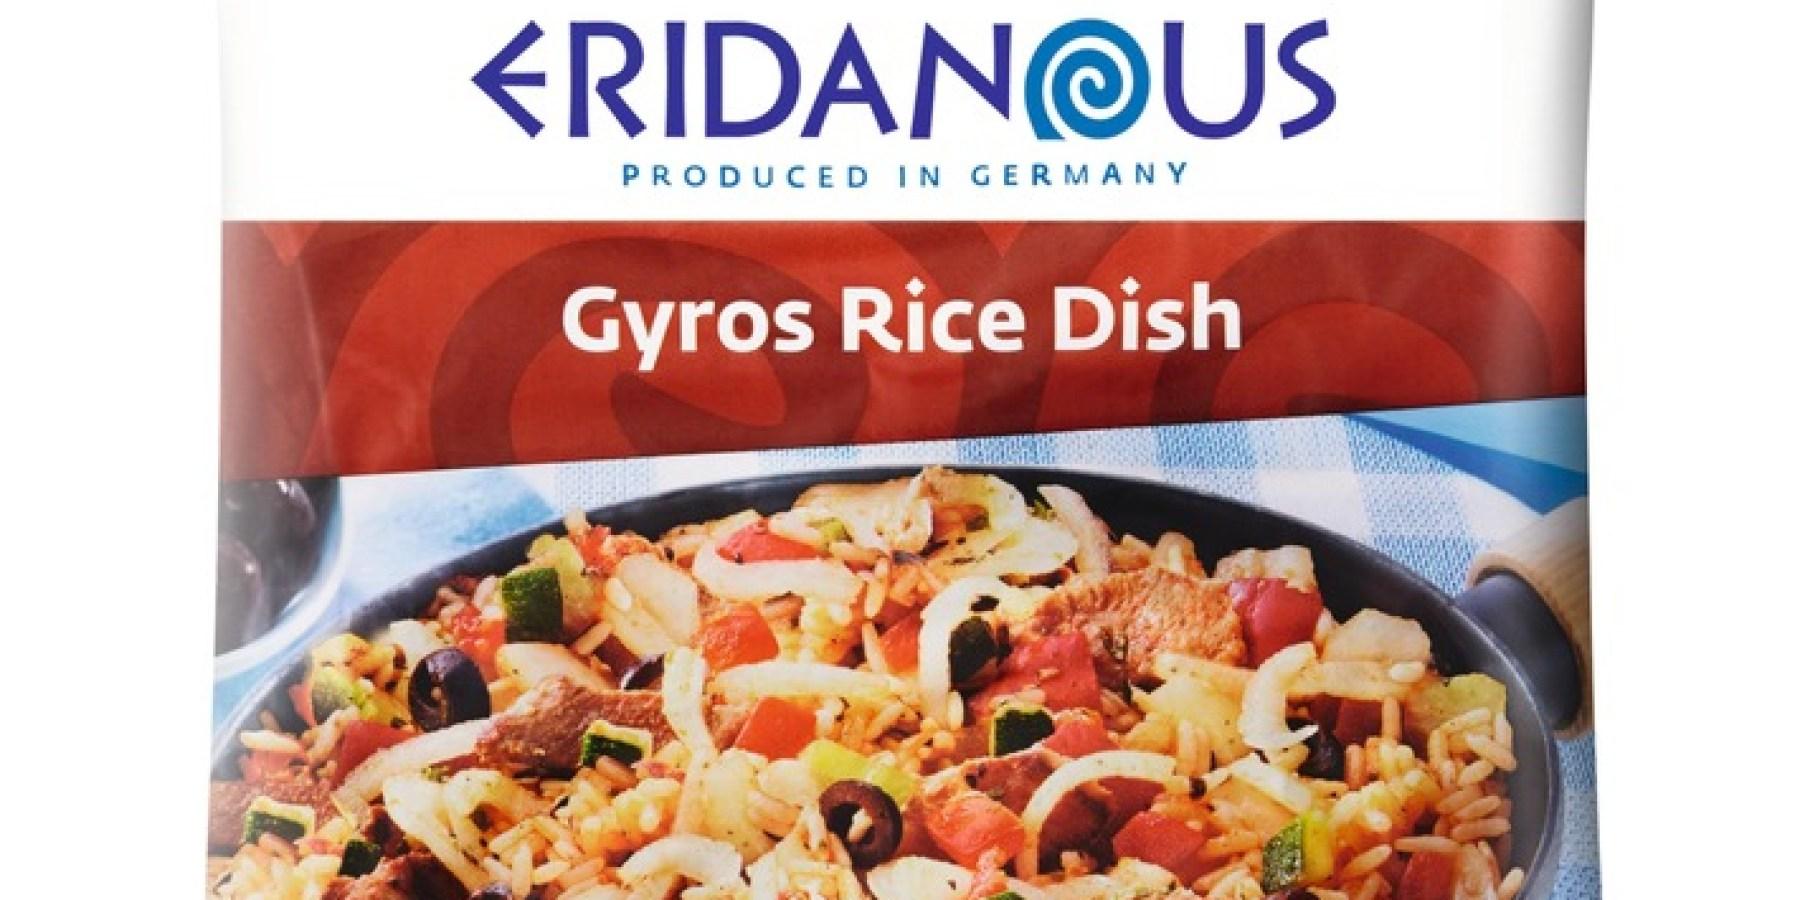 """Lidl Deutschland informiert über einen Warenrückruf des Produktes """"Eridanous Gyros Reispfanne (Gyros Rice Dish)"""